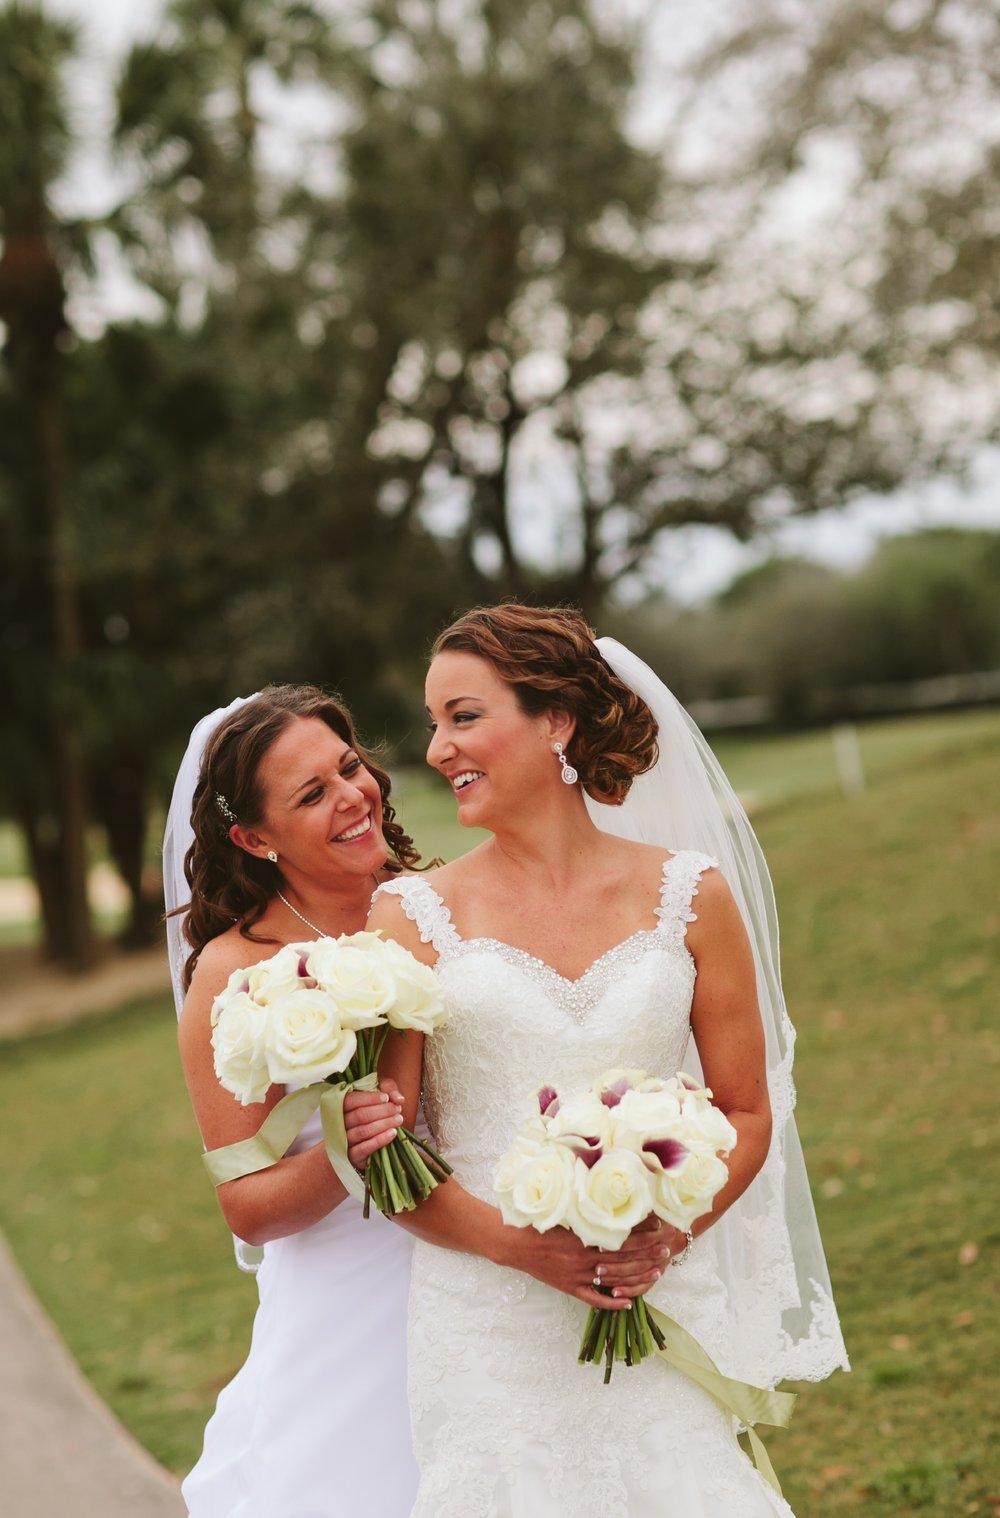 Monica habecker wedding